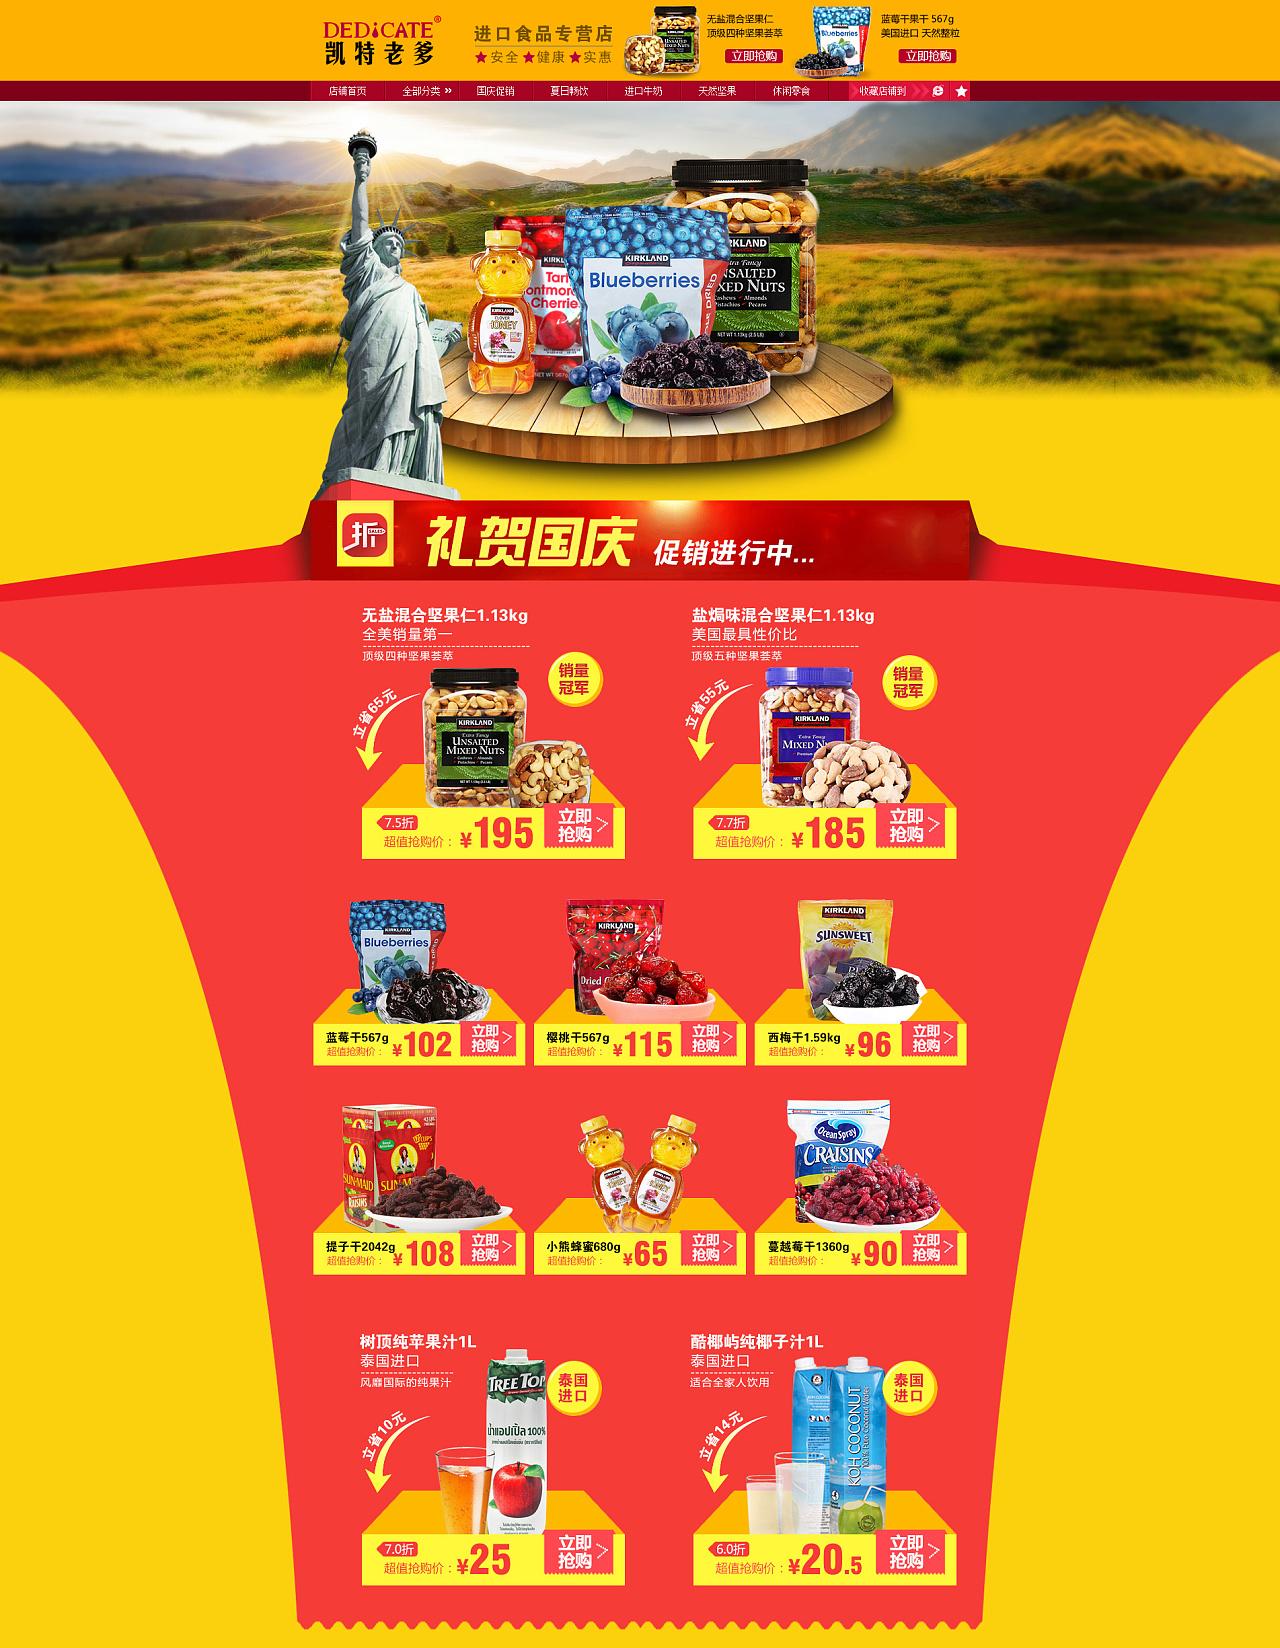 国庆专题联合营销进口食品零食饮料网页页面设计食物相关的网页设计图片